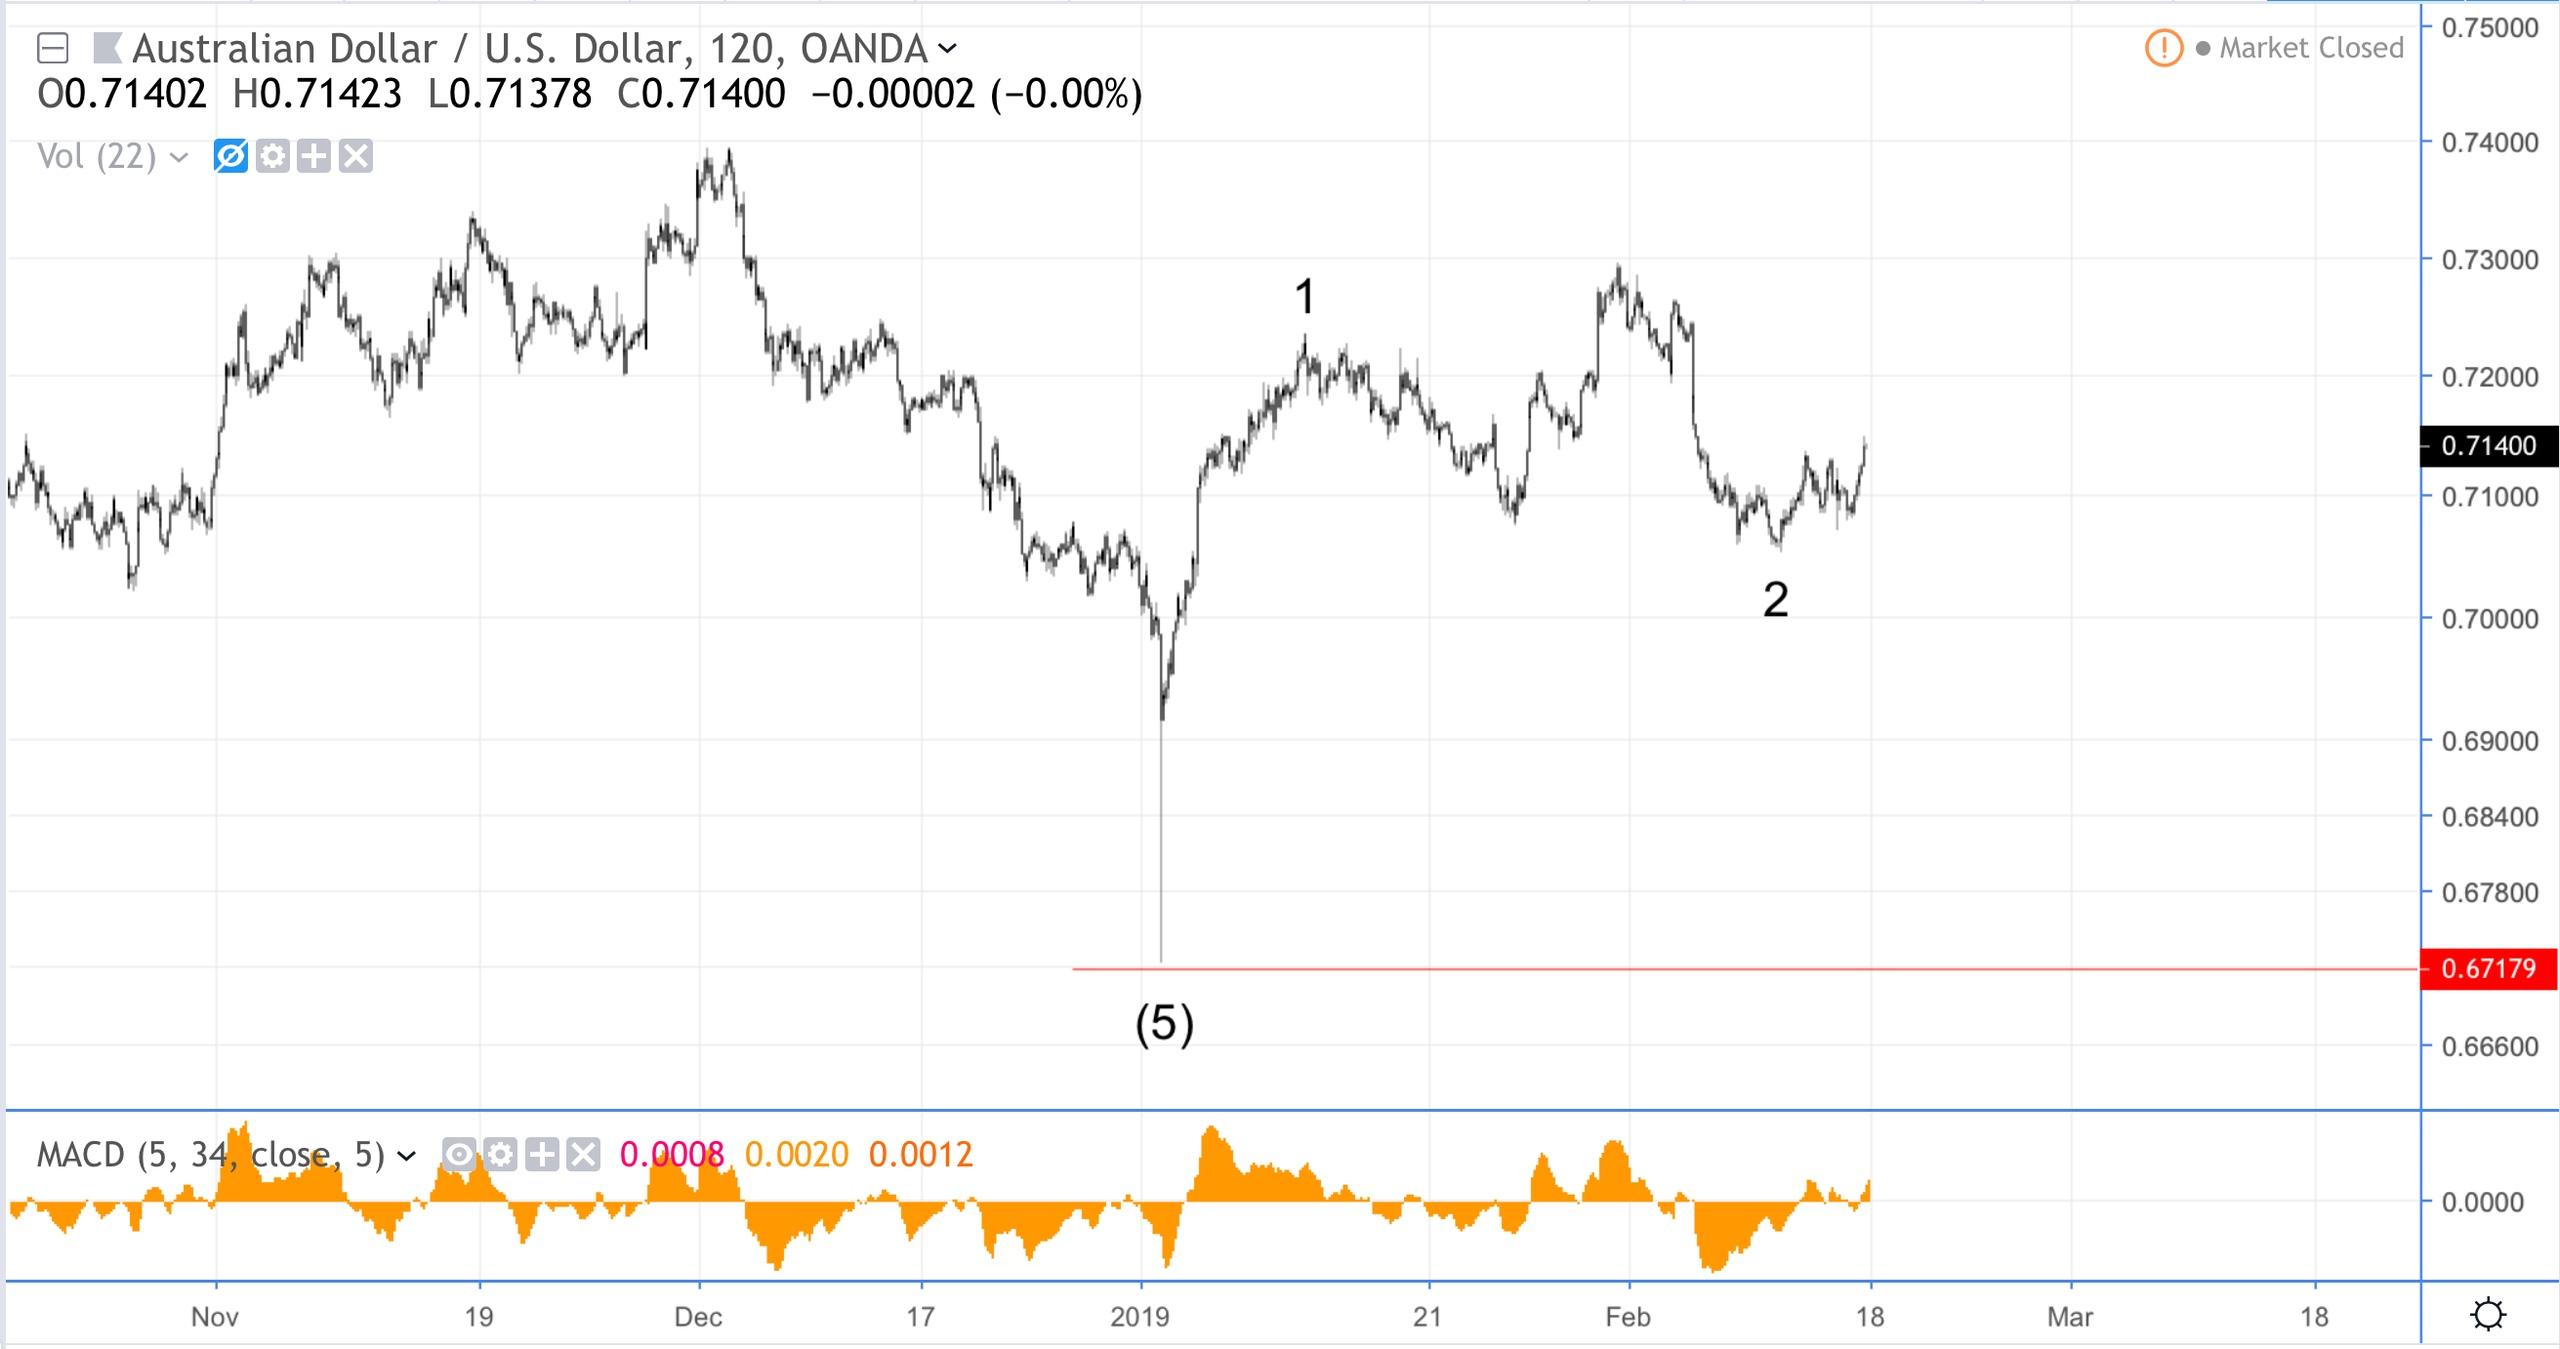 Волновой анализ NZD/USD, AUD/USD, GBP/JPY, нефти Brent + хронология и разметка DXY.